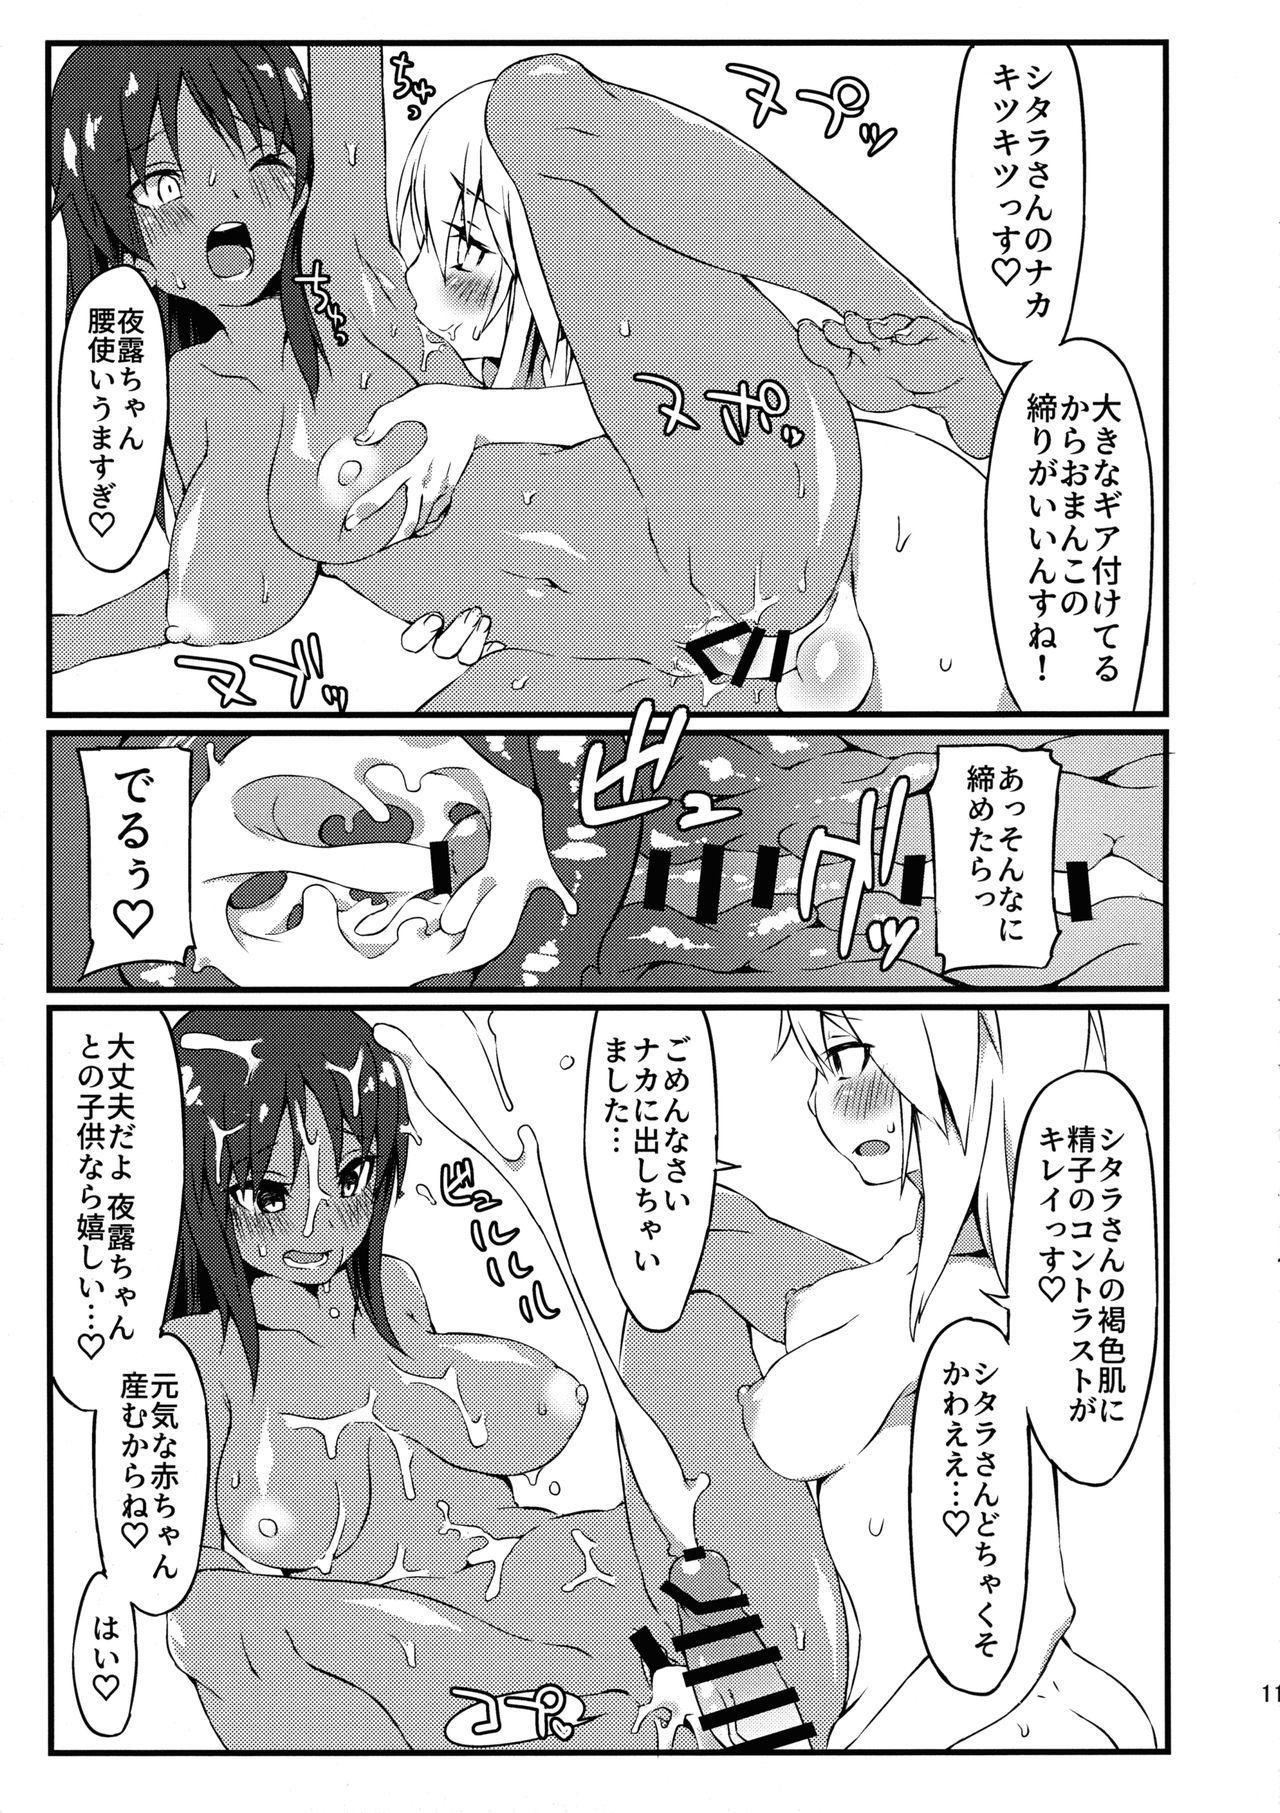 Yotsuyu no Zousan 10